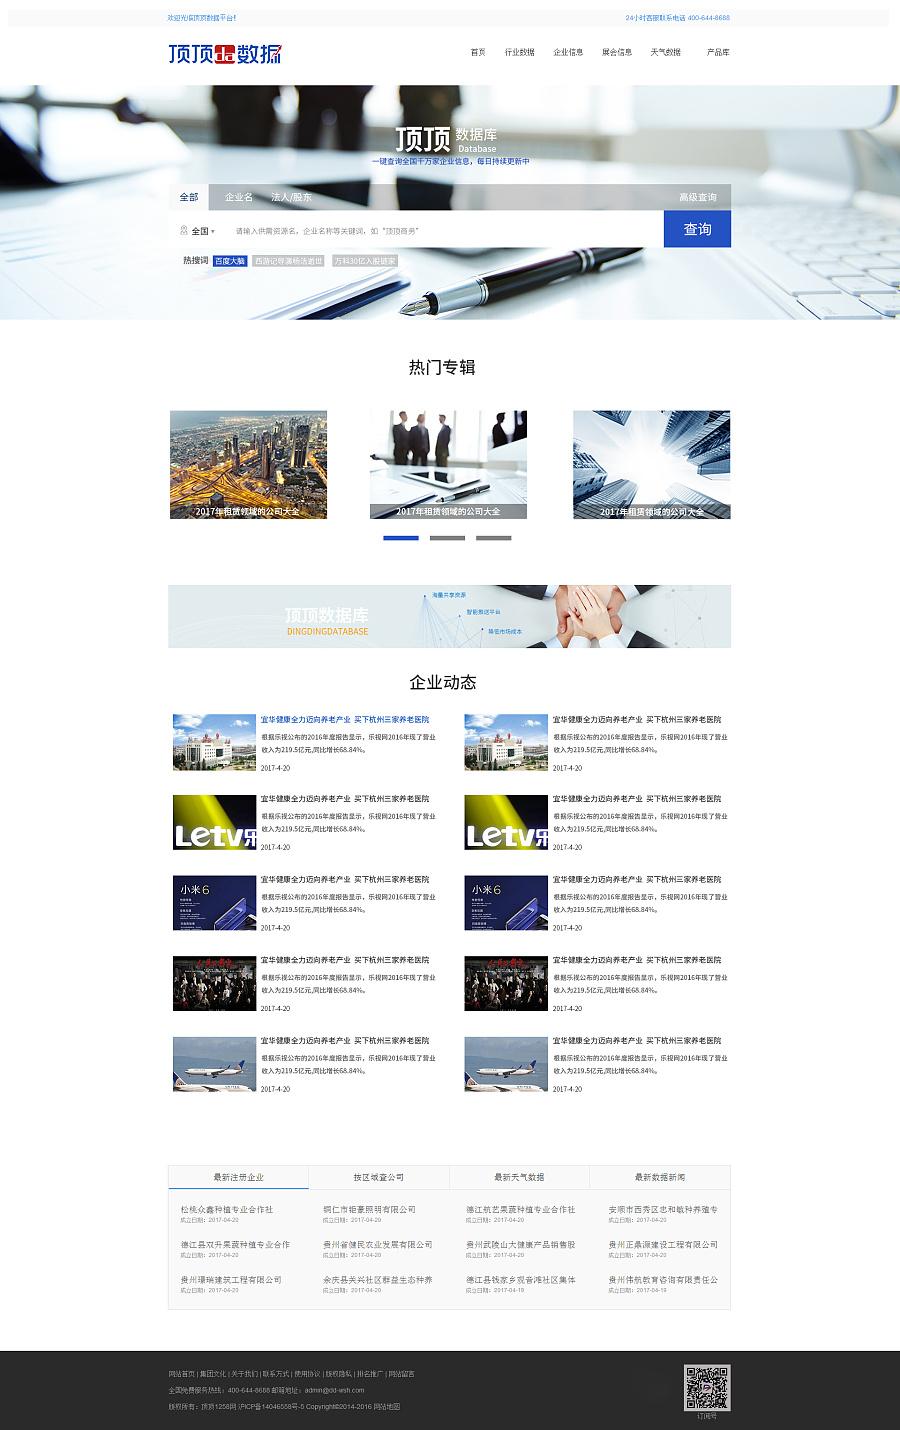 企业查询网站 网页设计 列表页面图片